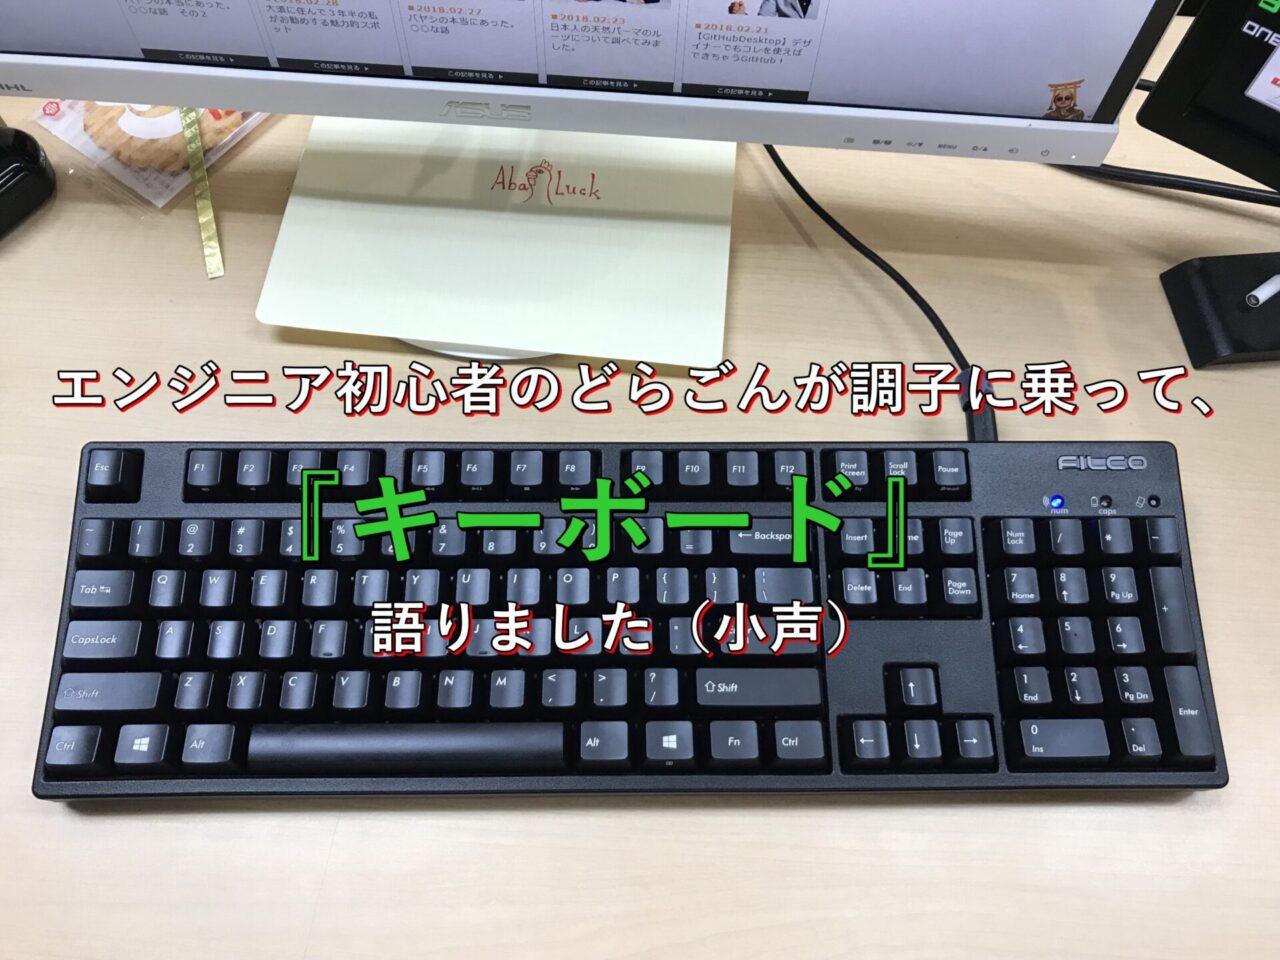 【押し心地】このキーボードがオススメ!エンジニア初心者のオイラがキーボード語りました【最優先】